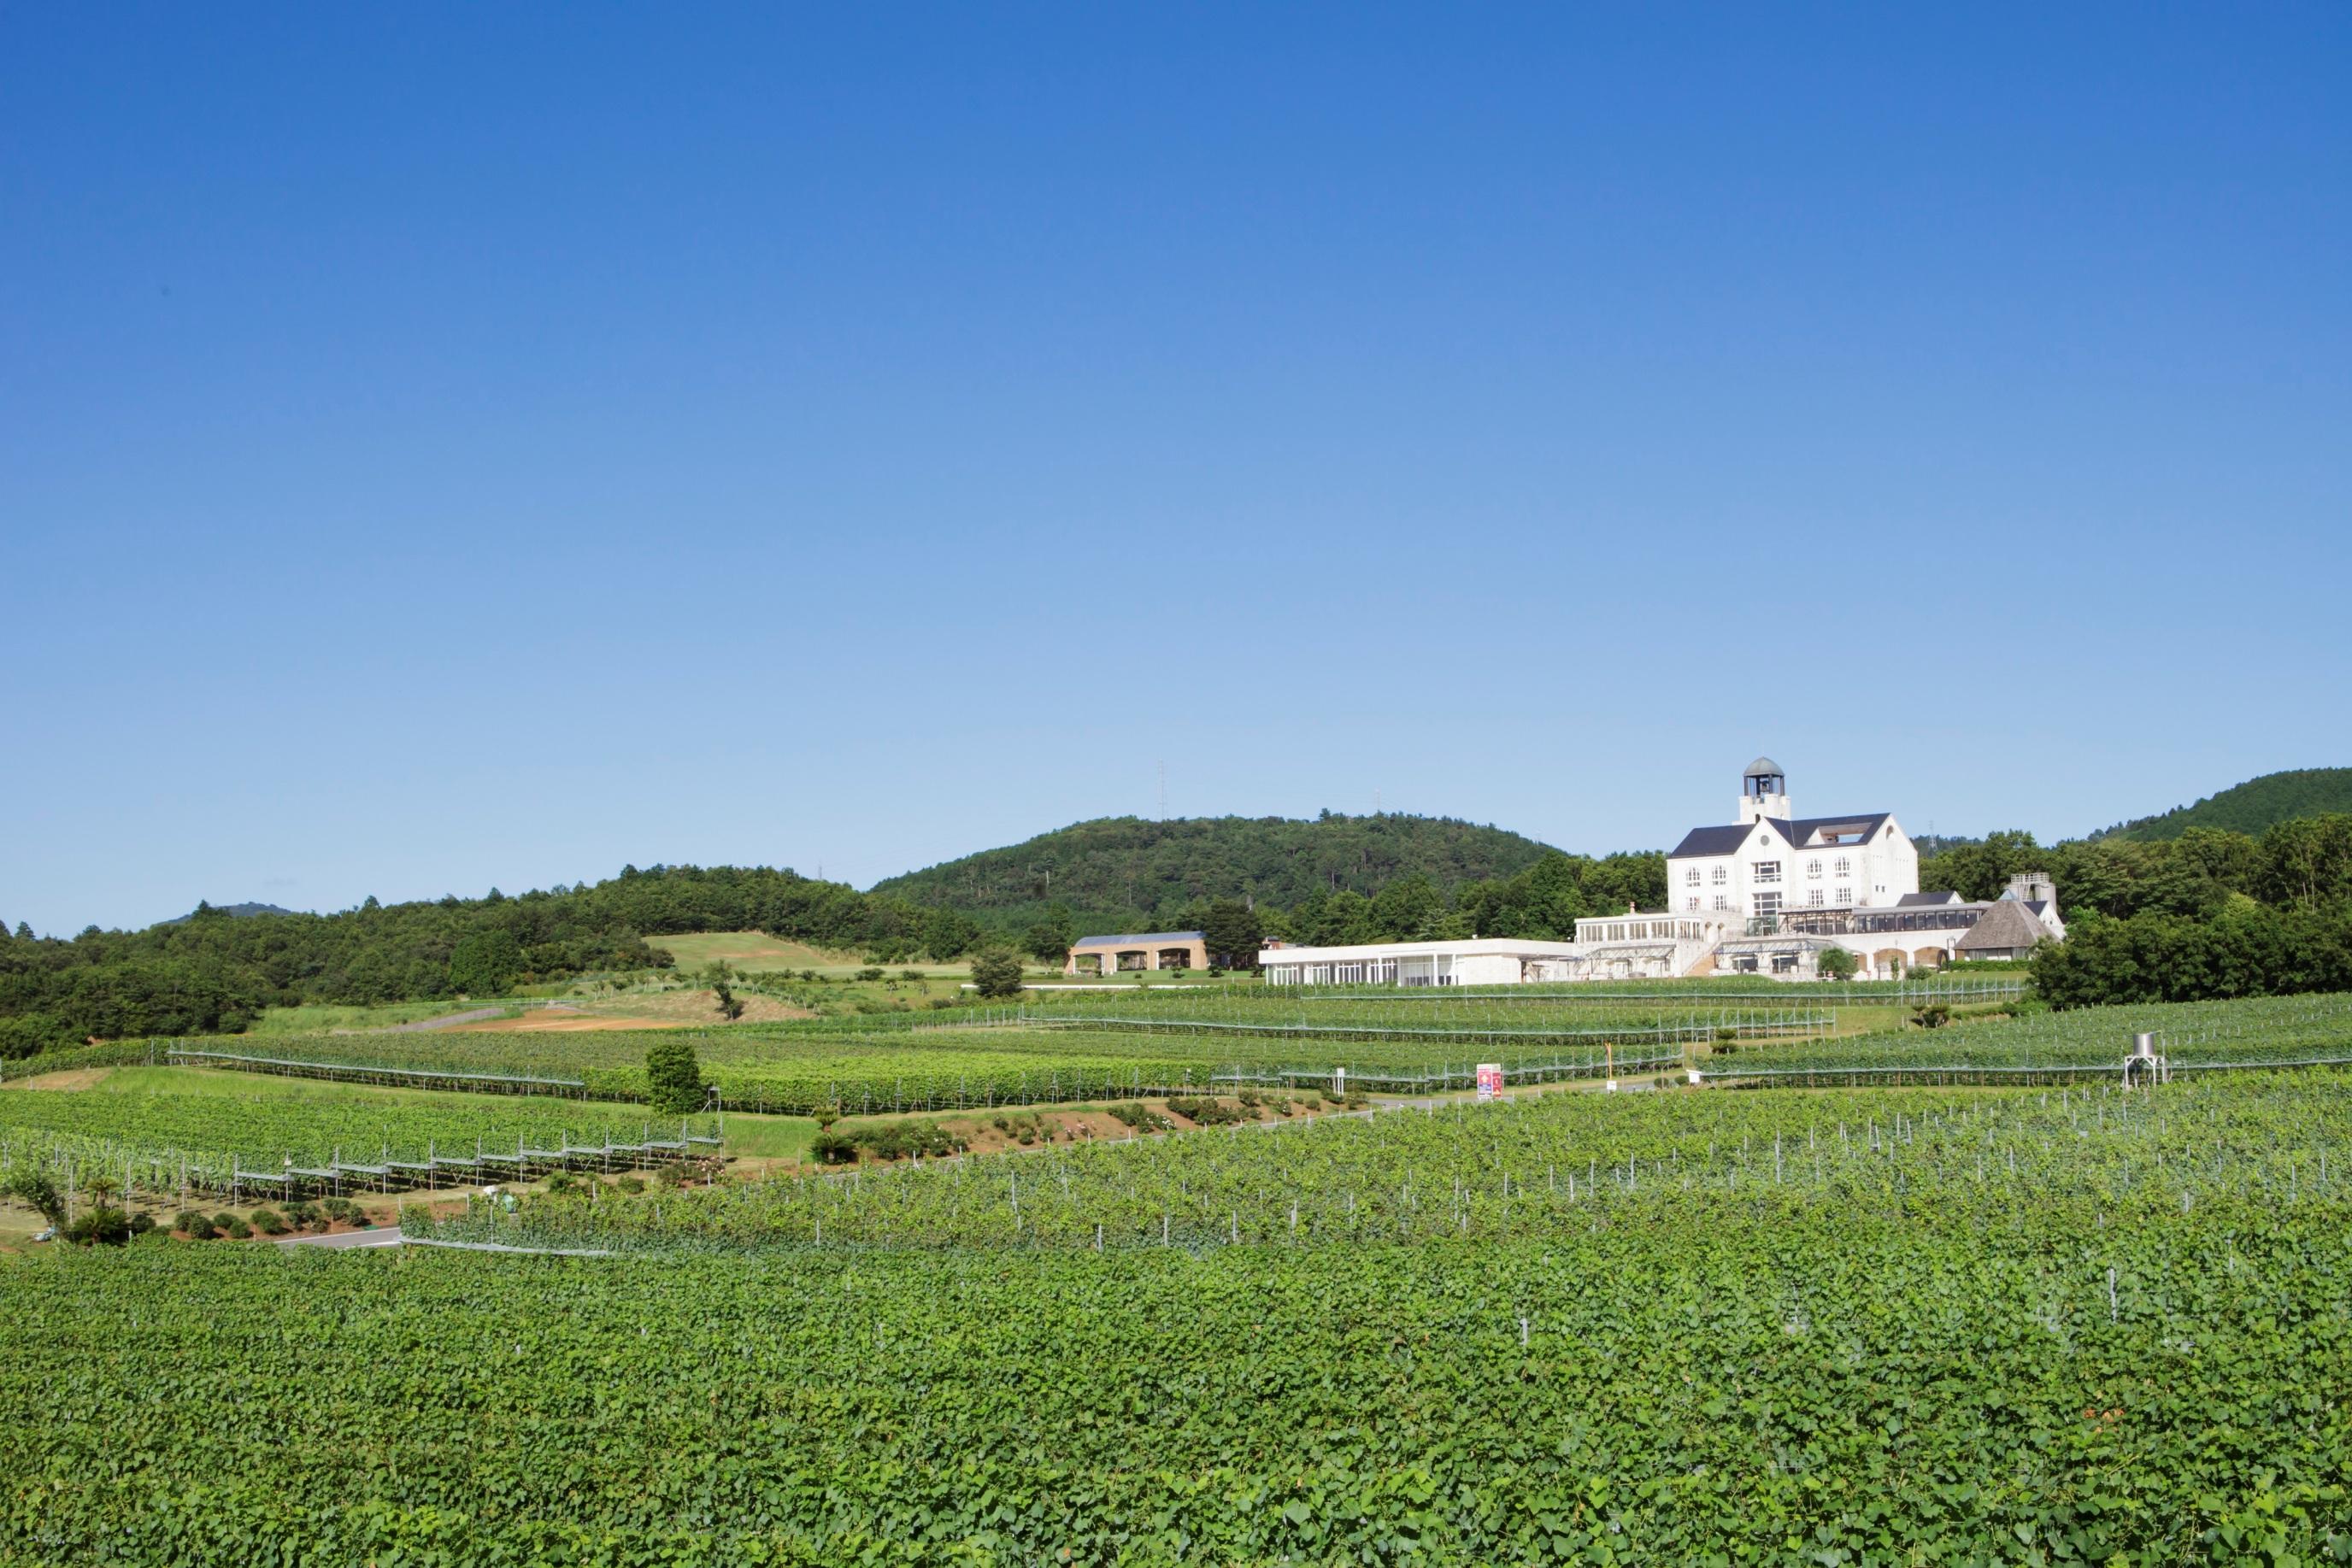 静岡県伊豆市にて中伊豆ワイナリーのGWイベント 「Go! Go! Winery 2019」4/27~5/6開催